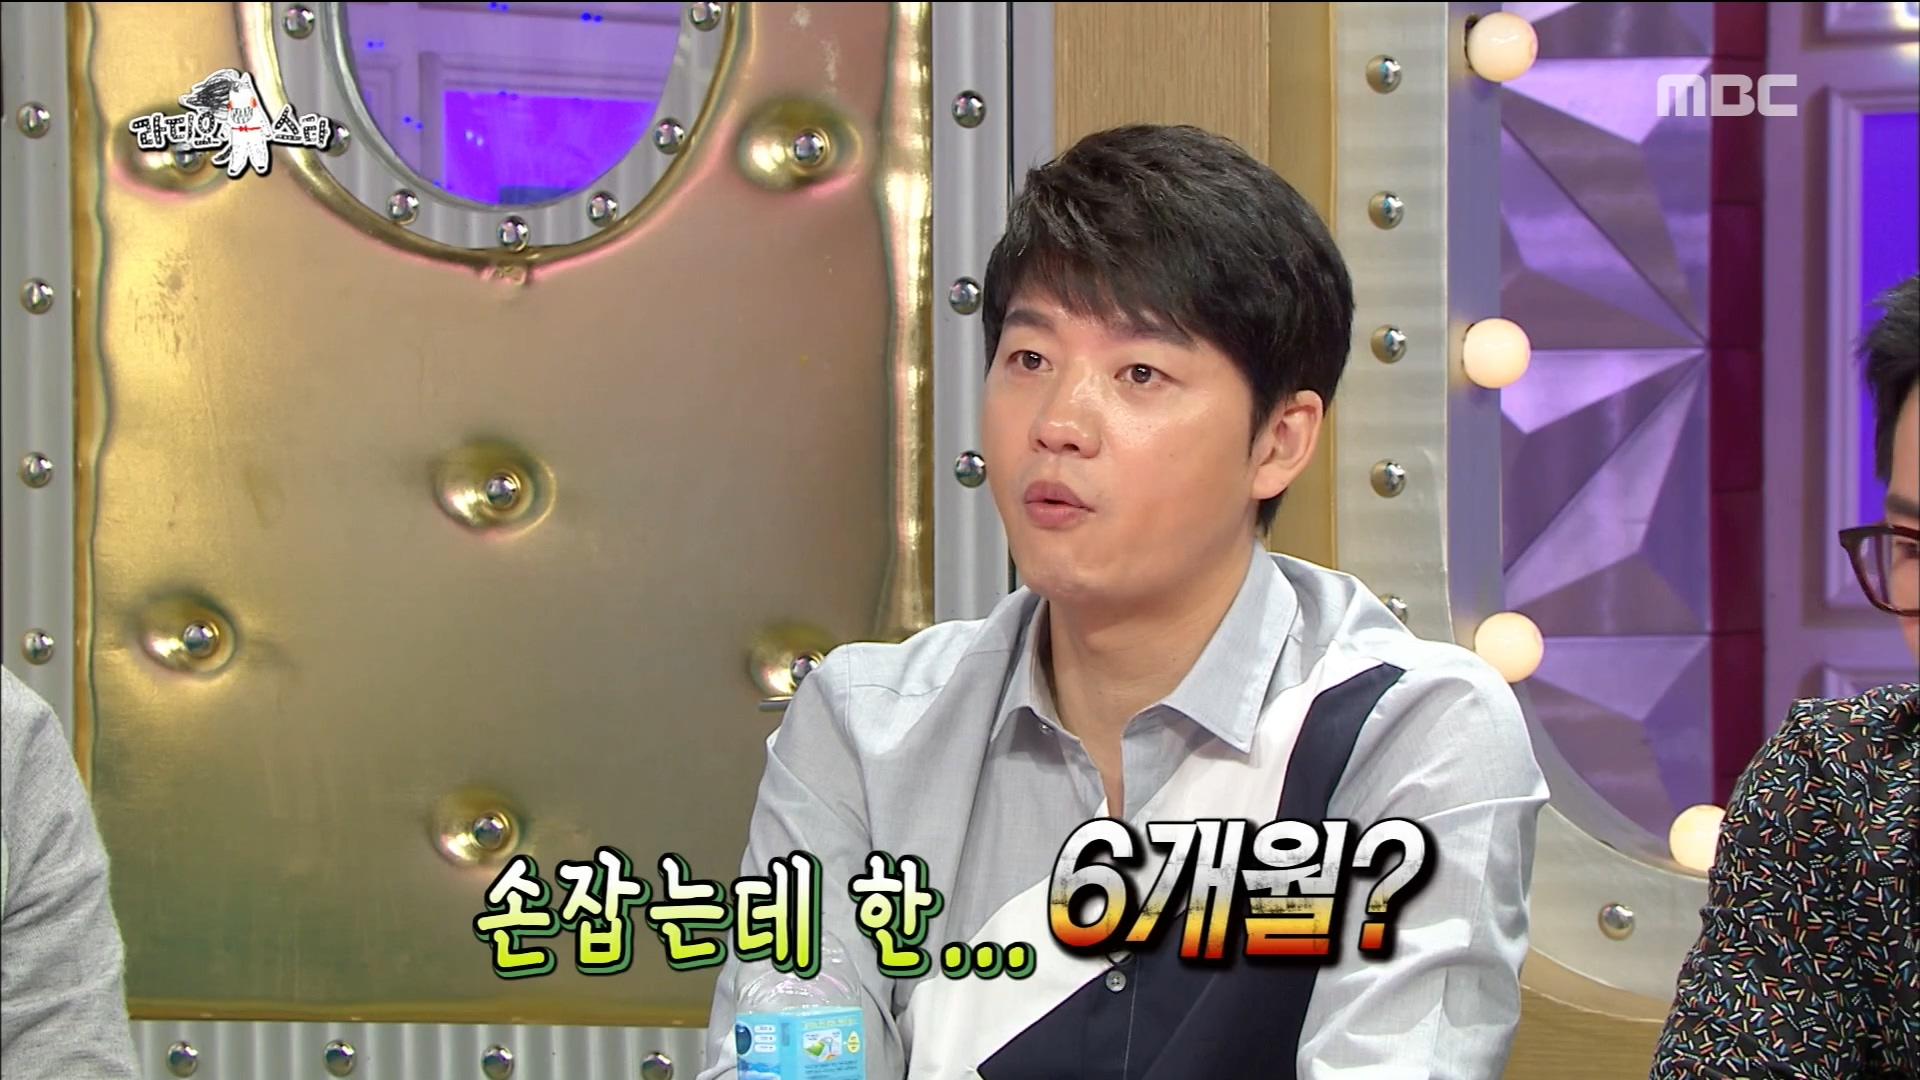 김승수, 손잡는데만 6개월이 걸린다?!